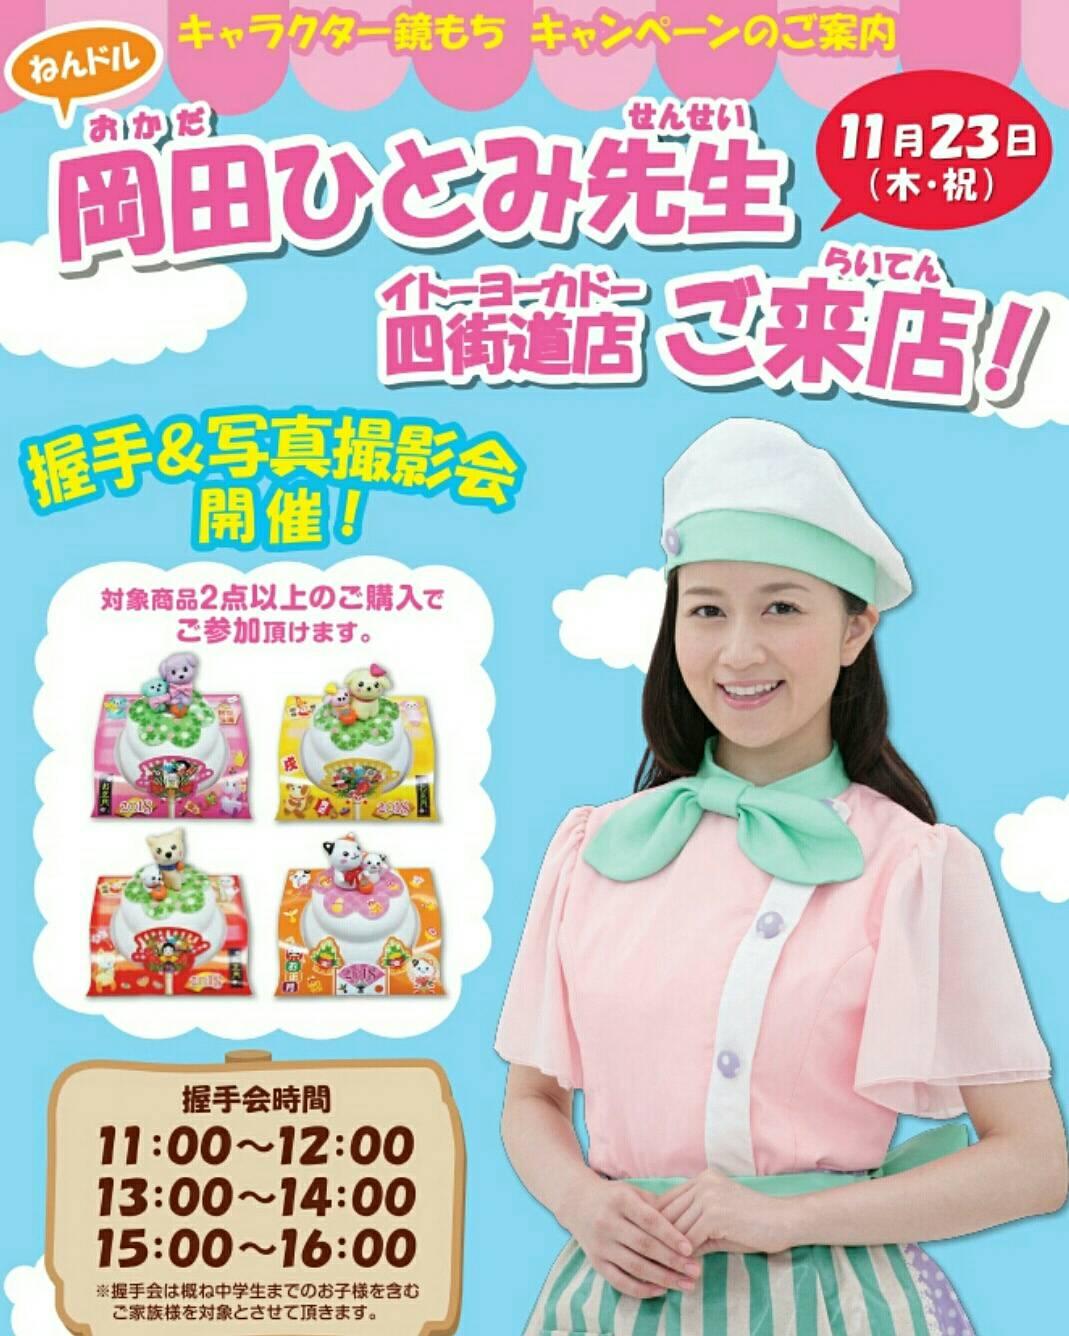 イトーヨーカドー四街道店でスペシャルイベント決定!